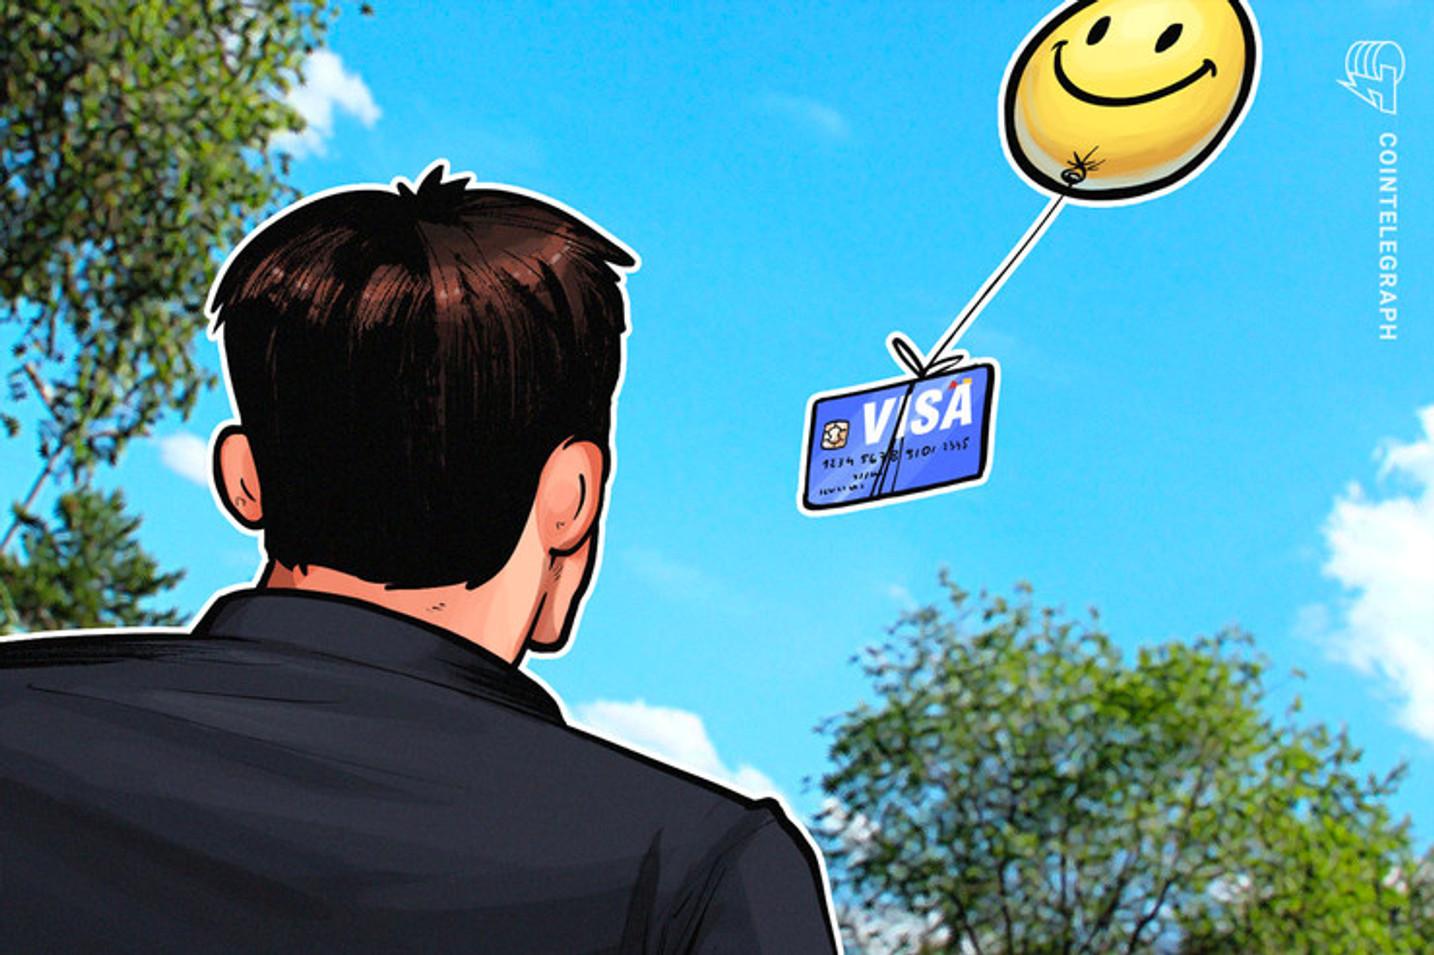 Las firmas 2gether y Visa llegan a un acuerdo para permitir que los usuarios operen con criptomonedas